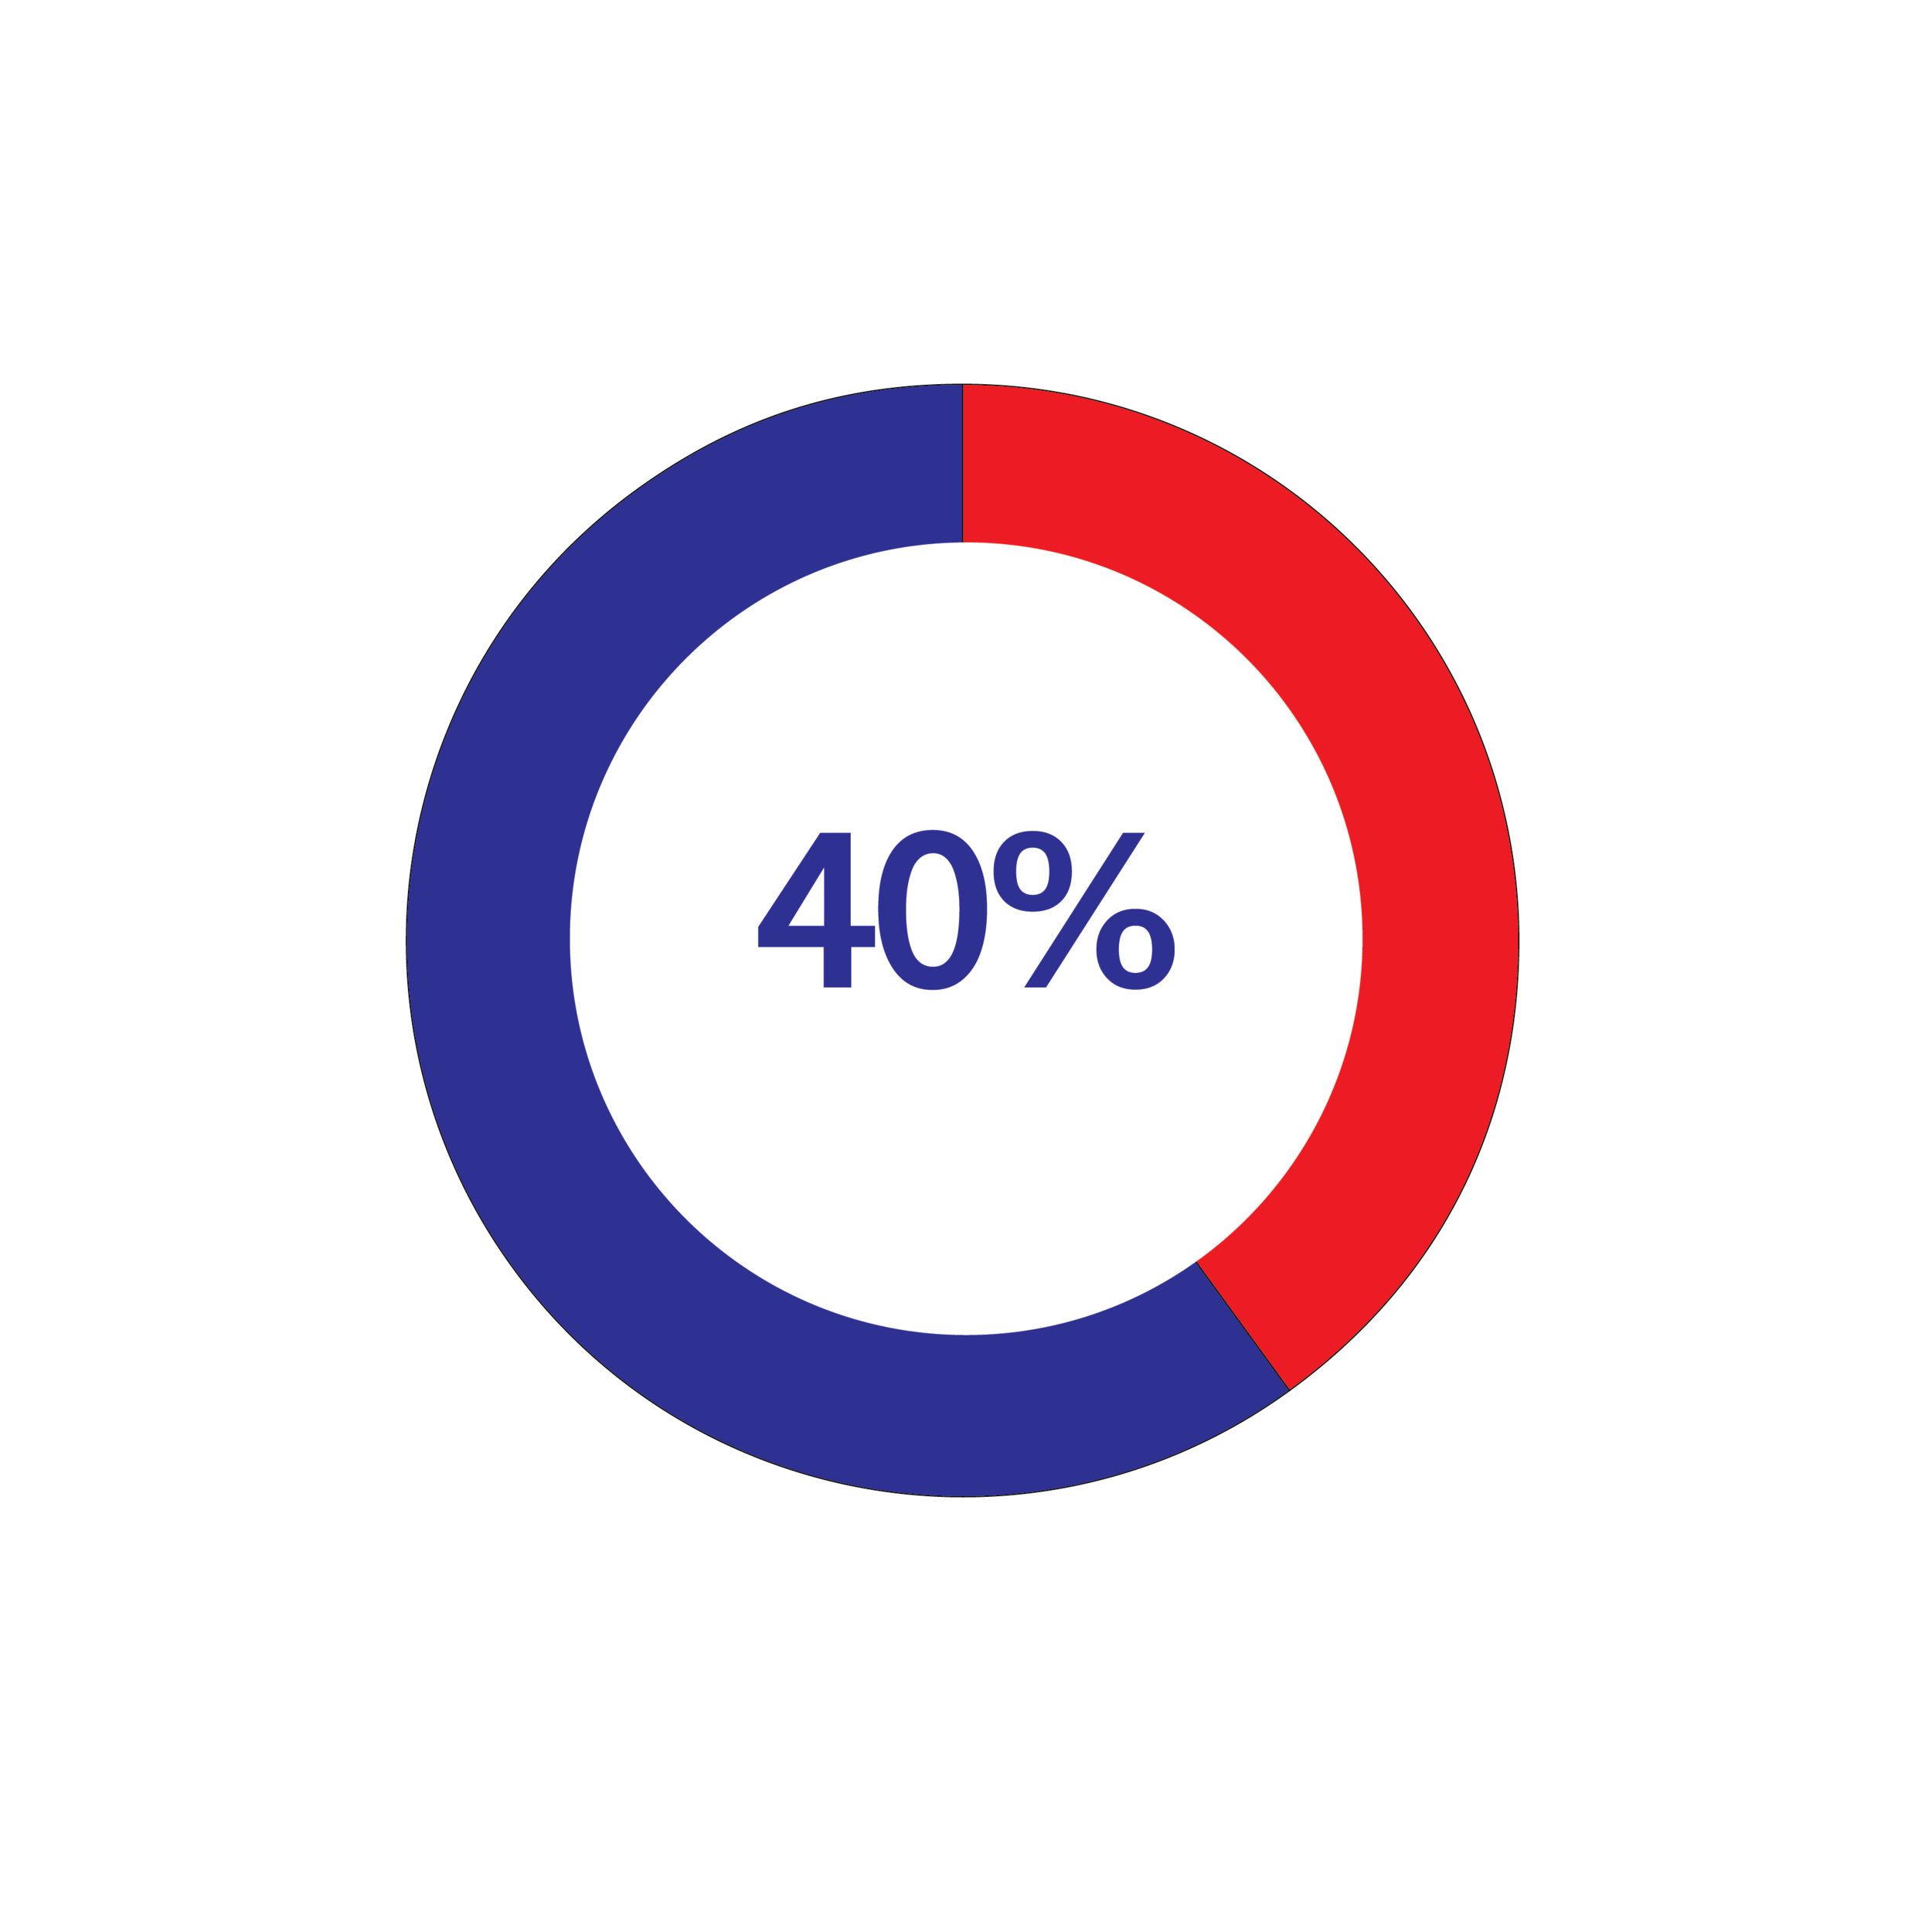 40 percent-02.png